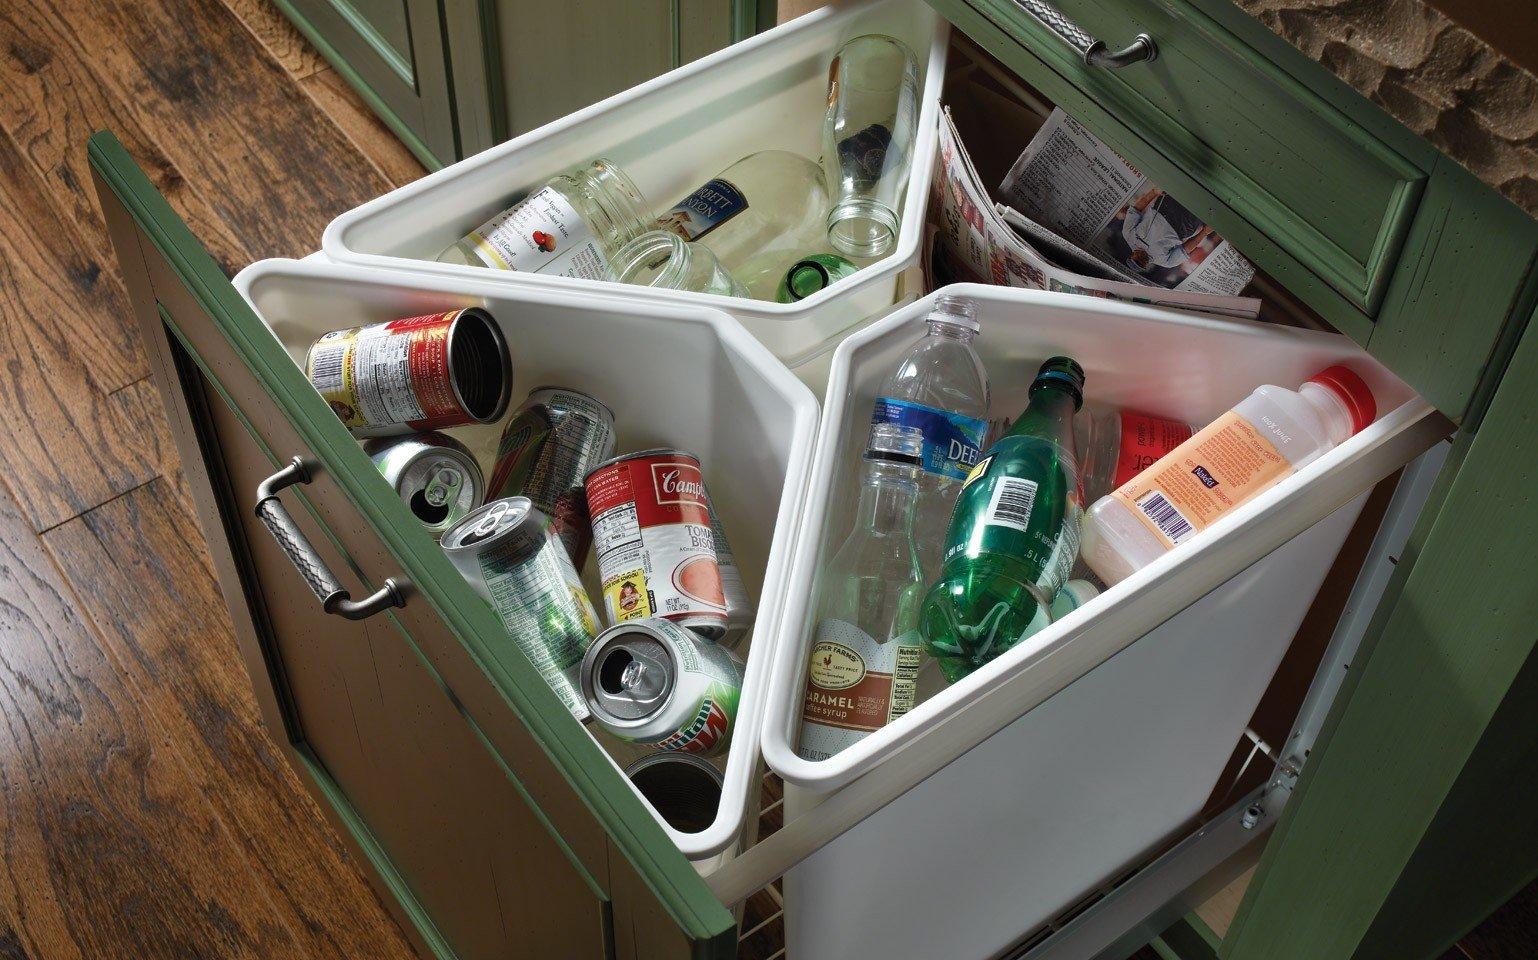 Patarimai Kaip Tvarkingai Namuose Rū Iuoti Atliekas